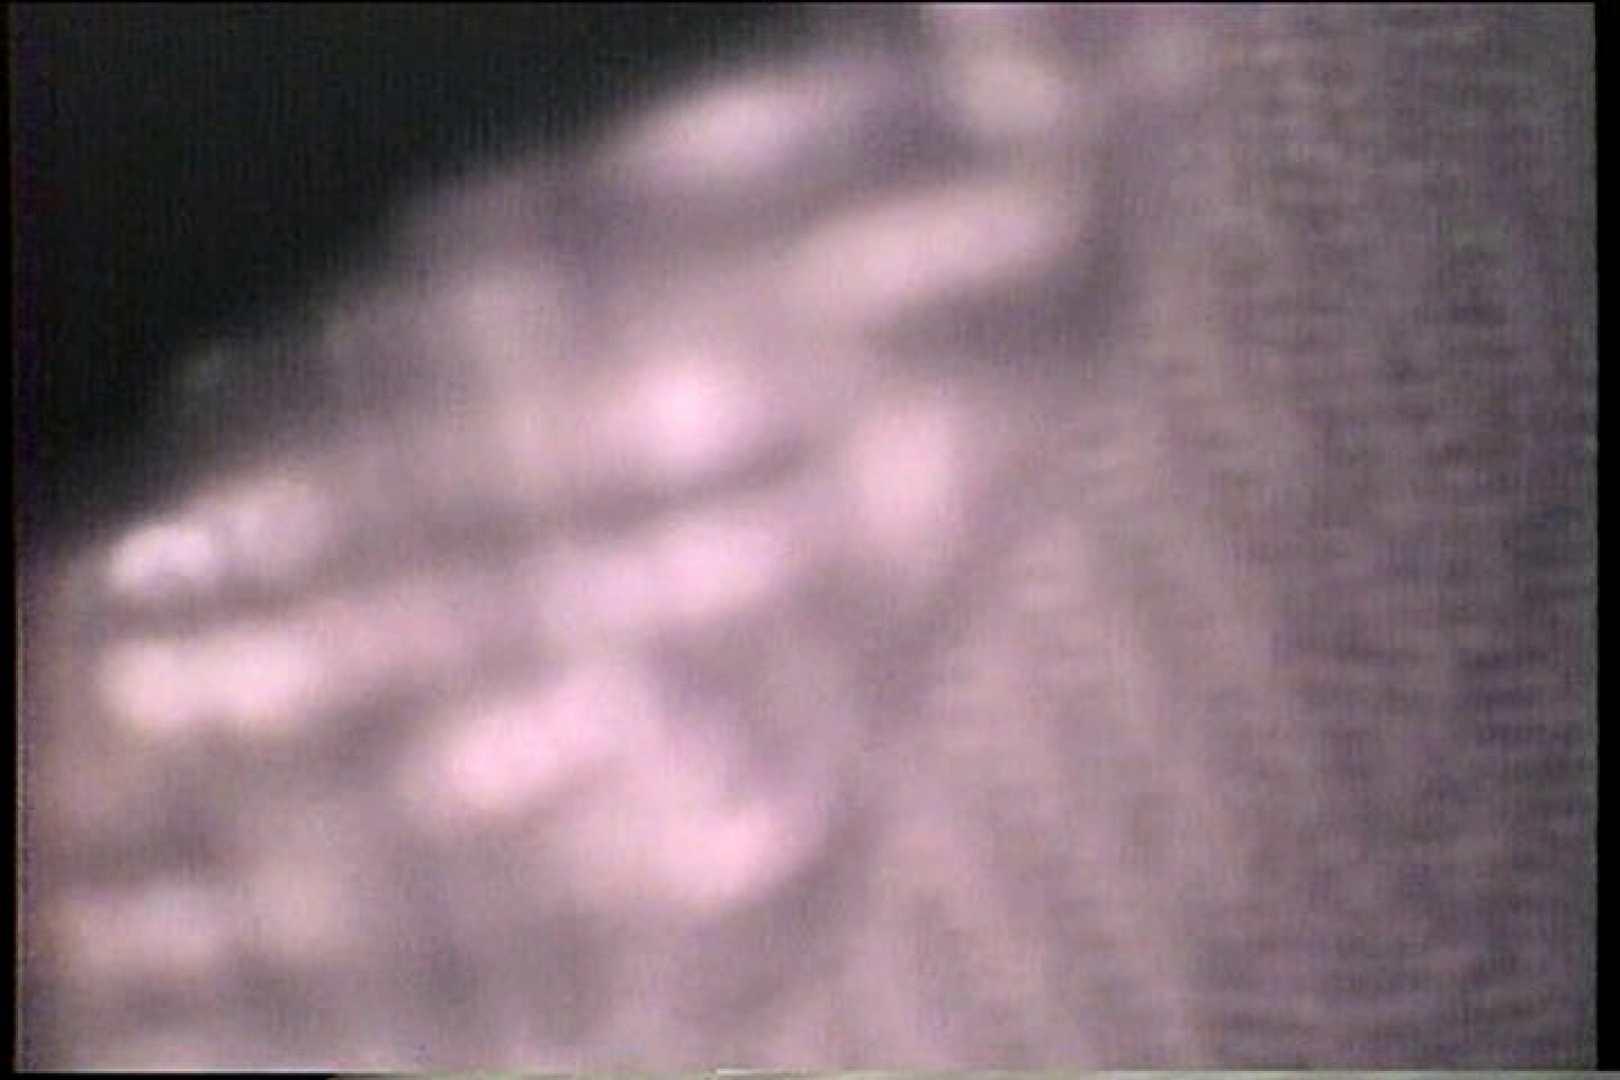 新・単位が欲しい子このマラとまれ!Vol.14 美しいOLの裸体 ワレメ無修正動画無料 95pic 65